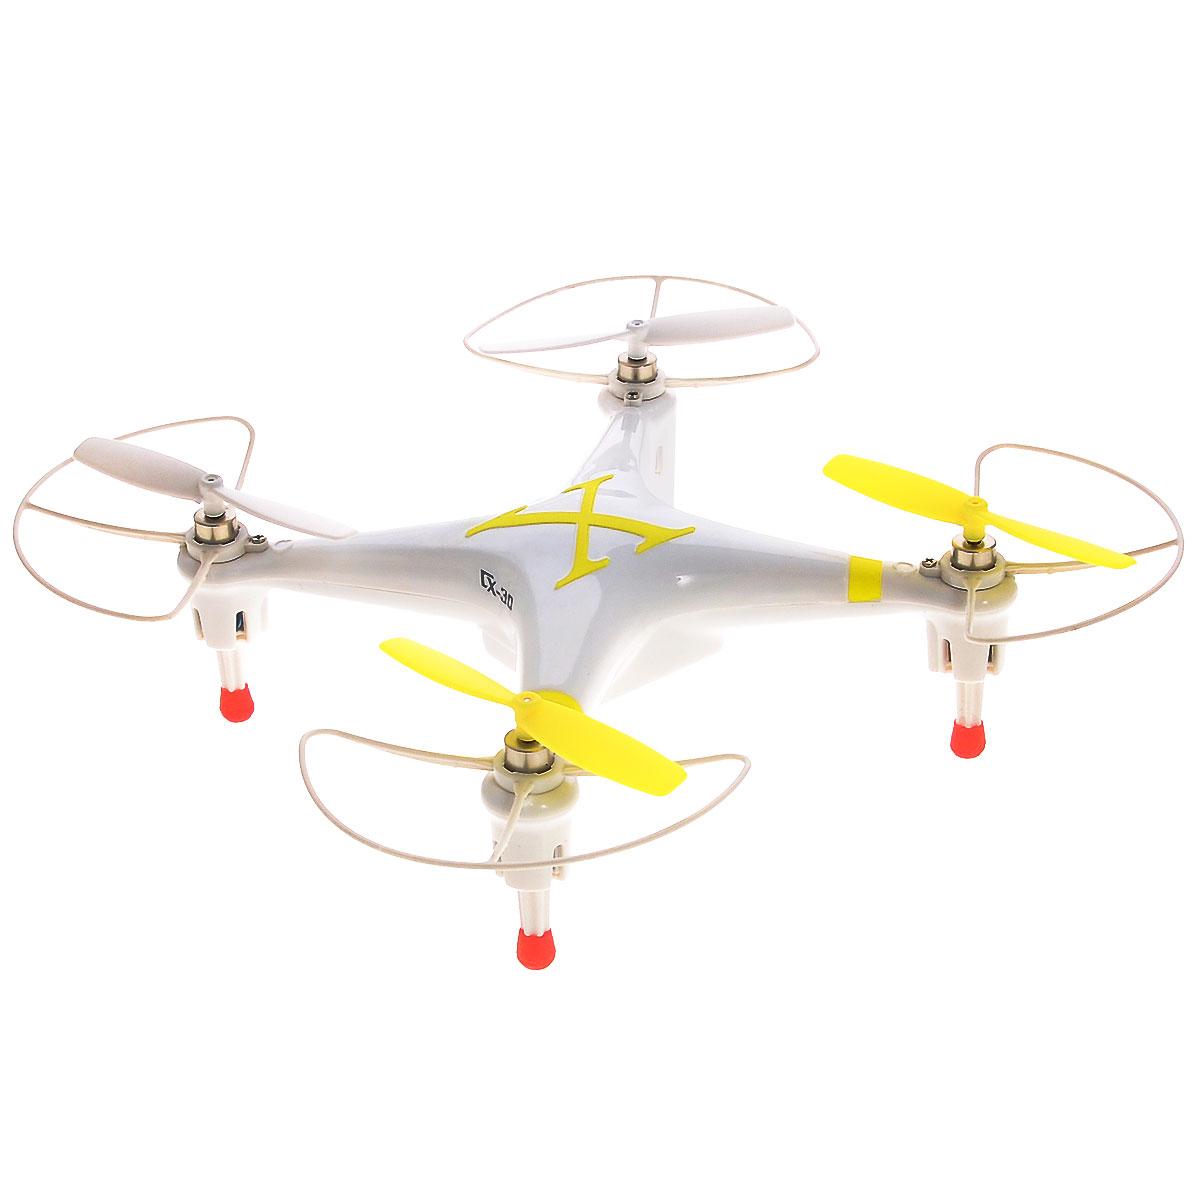 Bluesea Квадрокоптер на радиоуправлении CX-30 цвет белый желтыйCX-30_2Квадрокоптер на радиоуправлении Bluesea CX-30 с четырехканальным управлением непременно понравится вашему ребенку. В модели применен шестиосевой гироскоп, который придает устойчивость при полете. Квадрокоптер может подниматься, опускаться, двигаться вперед и назад, а также поворачиваться на 360 градусов. Управление осуществляется с помощью пульта дистанционного управления. Управлять машиной легко, она послушно двигается в нужную сторону. Квадрокоптер оснащен профессиональным передатчиком с частотой 2,4 GHz. Крепкий и прочный корпус защитит модель от ударов и повреждений. Также модель оснащена прорезиненными ножками для мягкой посадки. Благодаря компактным размерам игрушка подходит для полетов в закрытых помещениях. Радиоуправляемые игрушки развивают многочисленные способности ребенка - мелкую моторику, пространственное мышление, реакцию и логику. Квадрокоптер работает от встроенного аккумулятора, который заряжается с помощью USB. Для работы пульта...